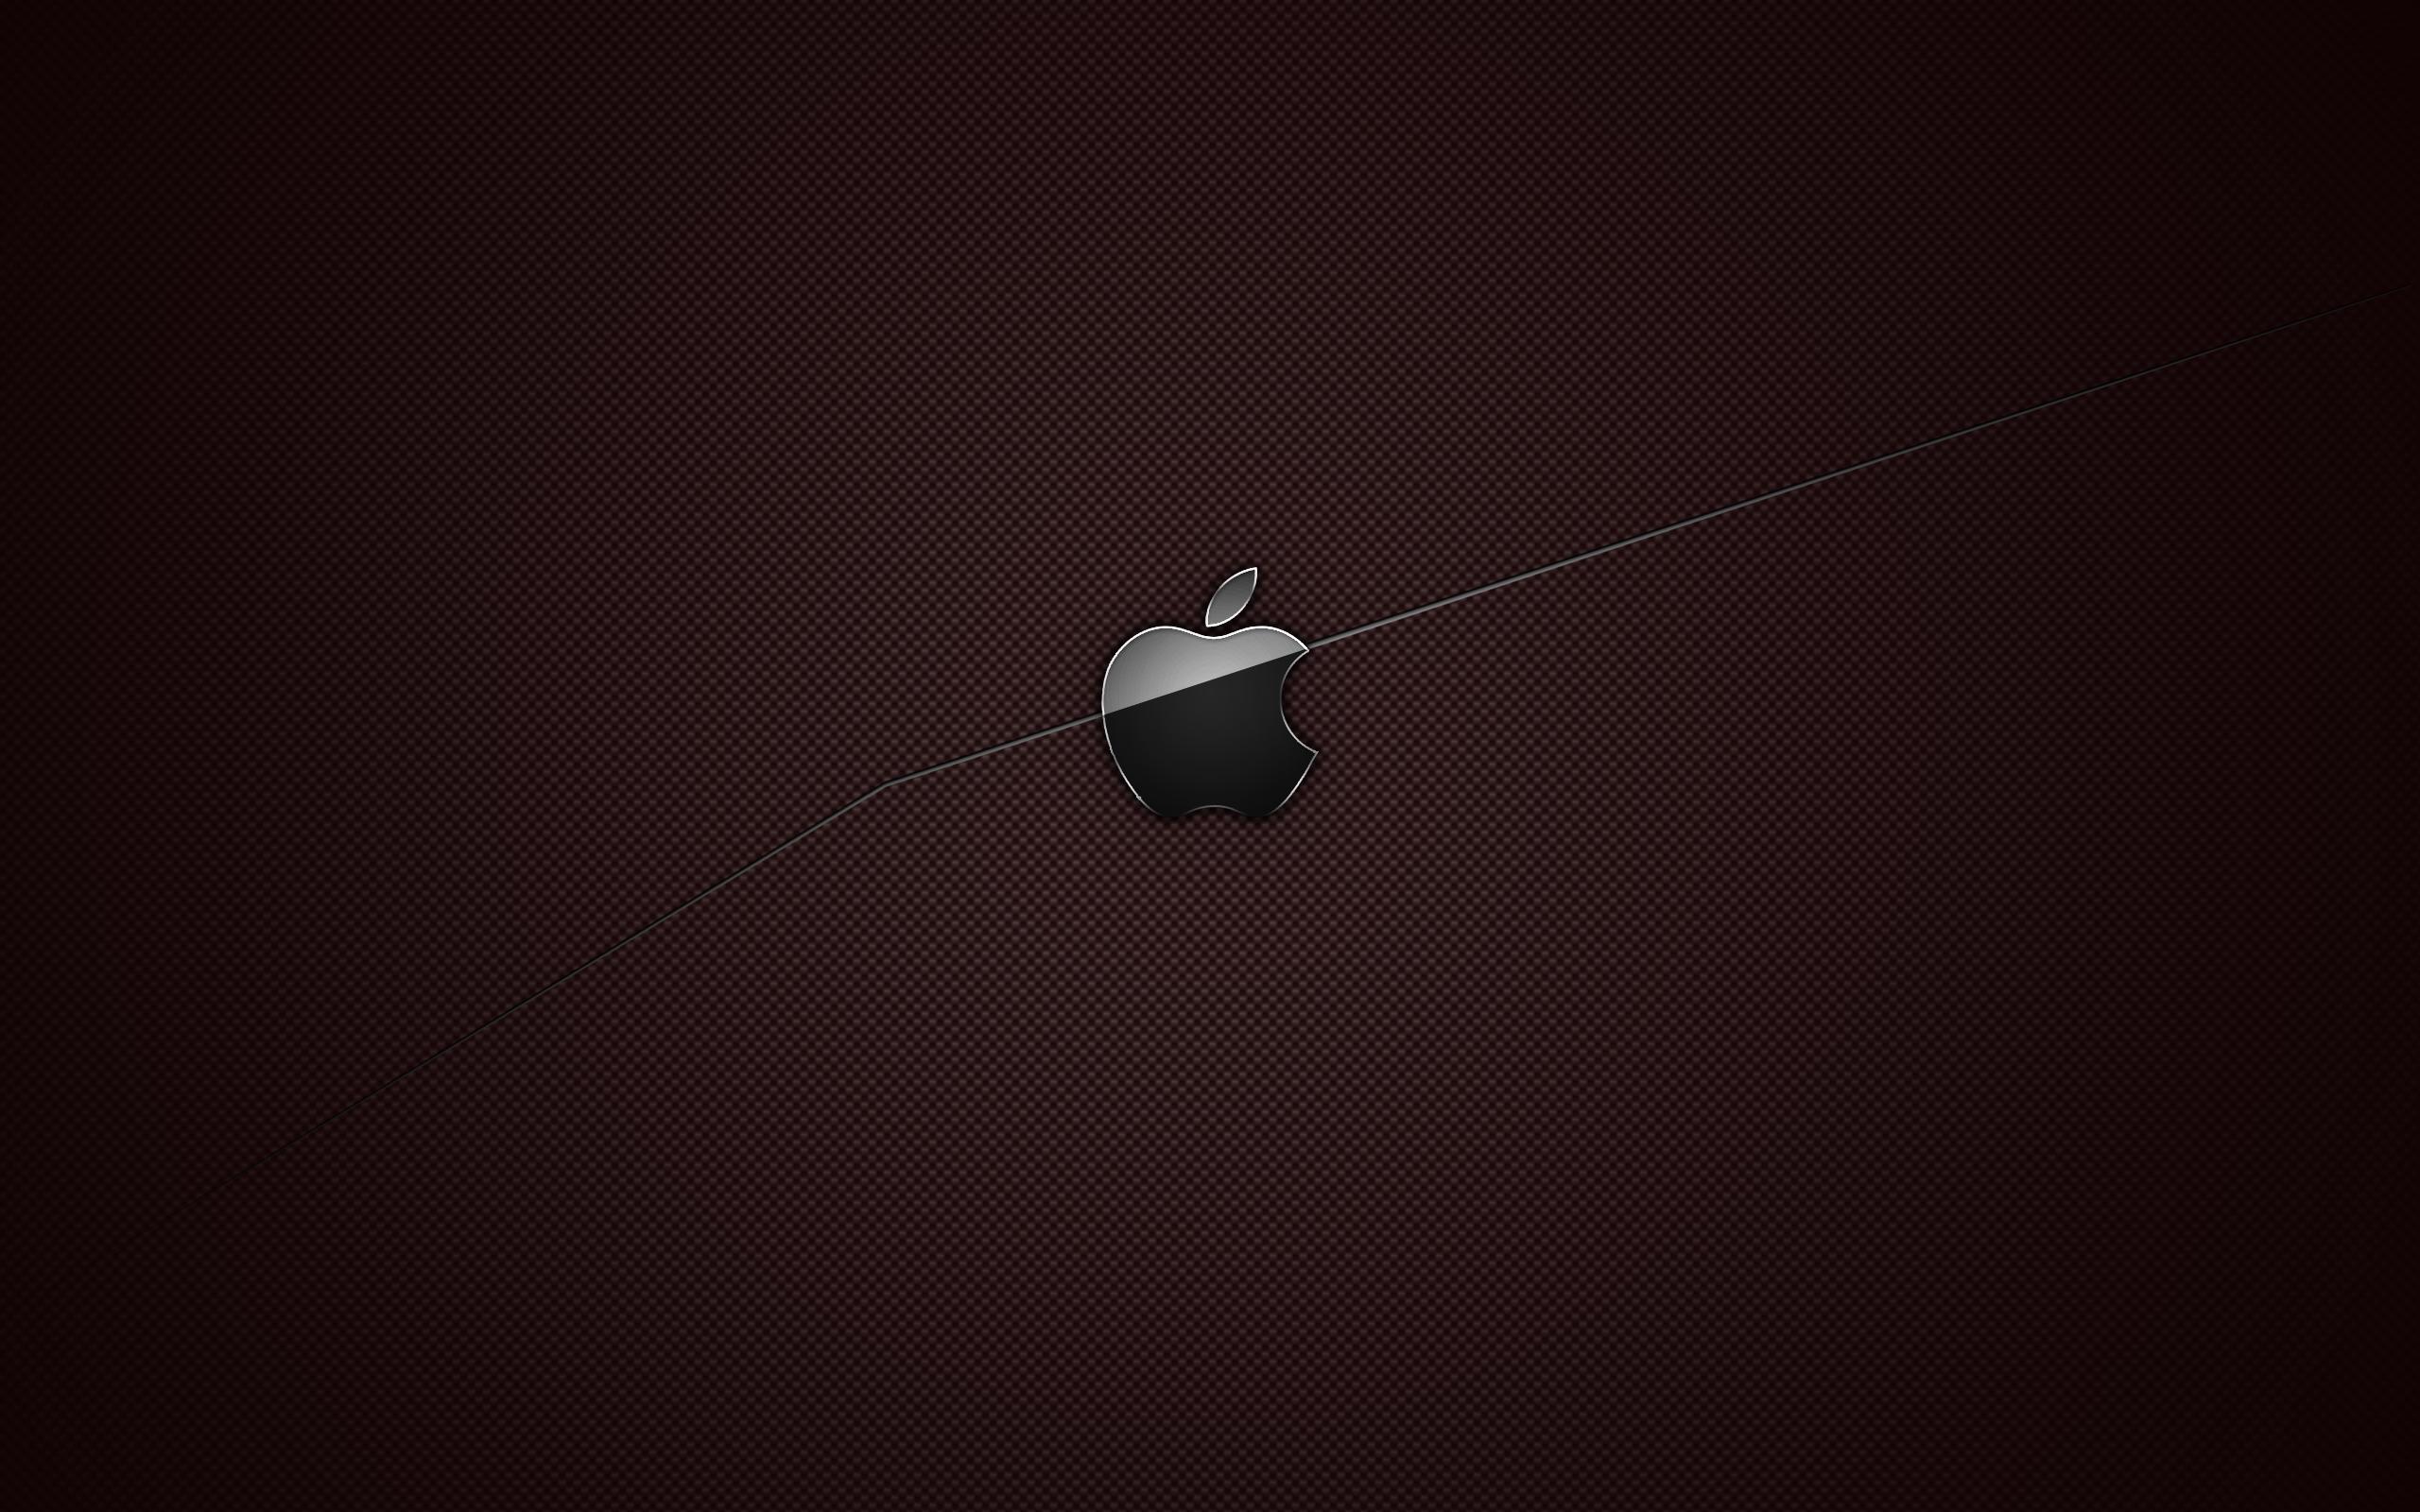 mac-fond-ecran-by-apple